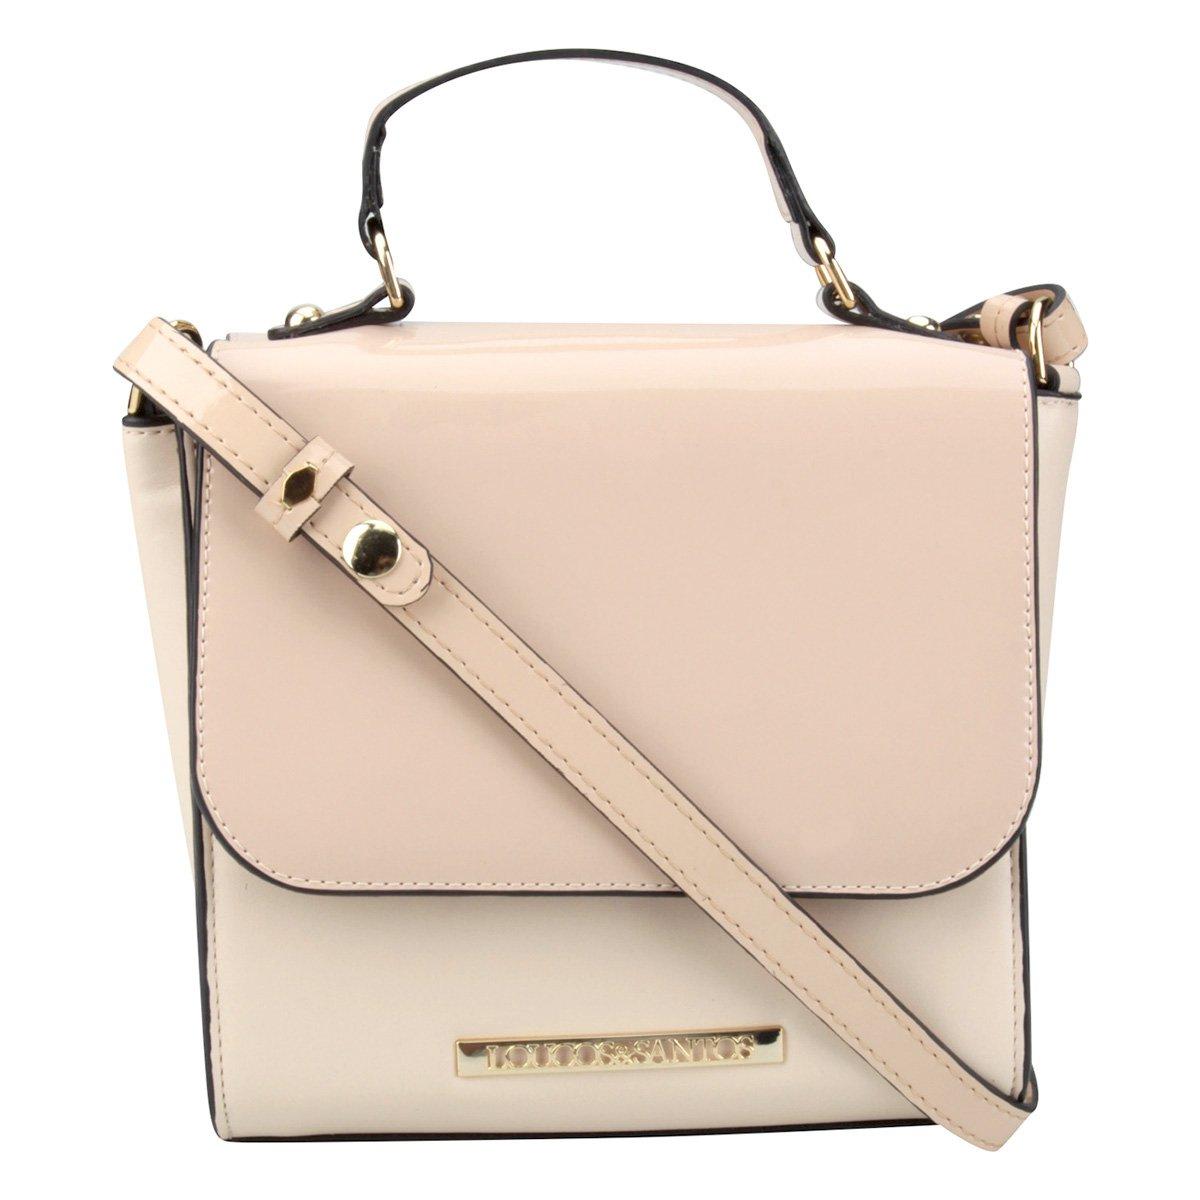 b473508cb Bolsa Loucos & Santos Mini Bag Feminina